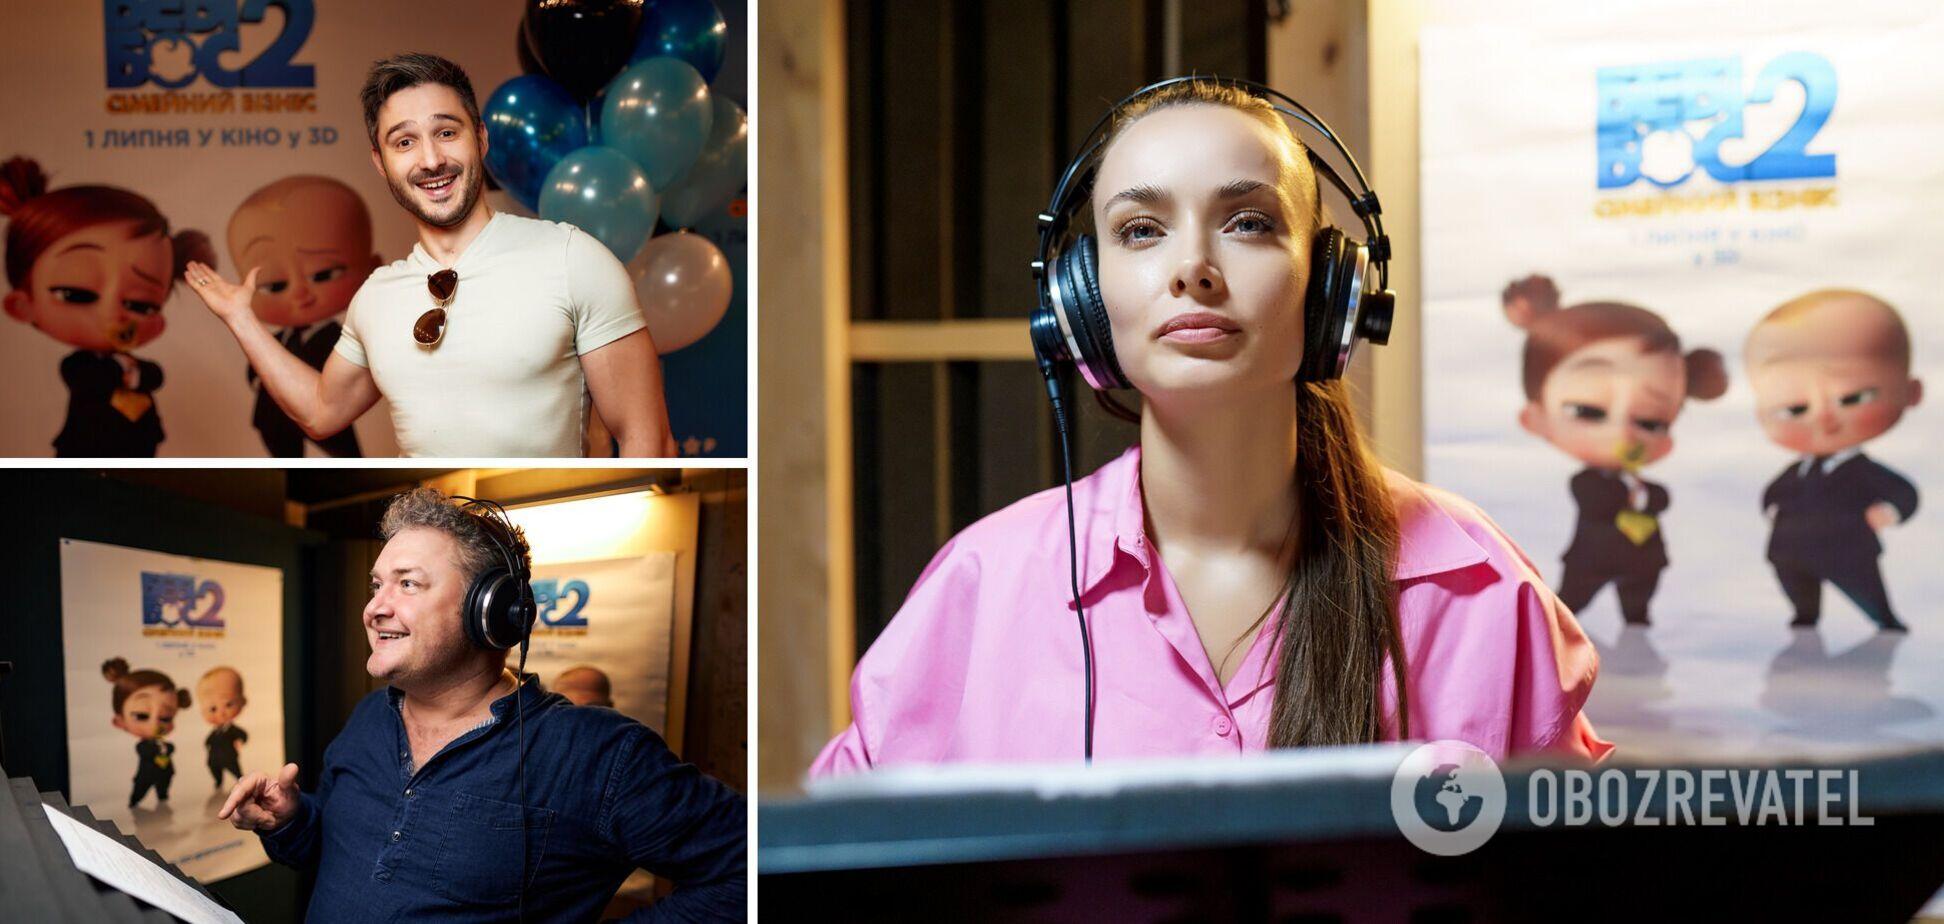 Мишина, Фединчик и Заднепровский озвучили героев анимации 'Бэби Босс 2: семейный бизнес'